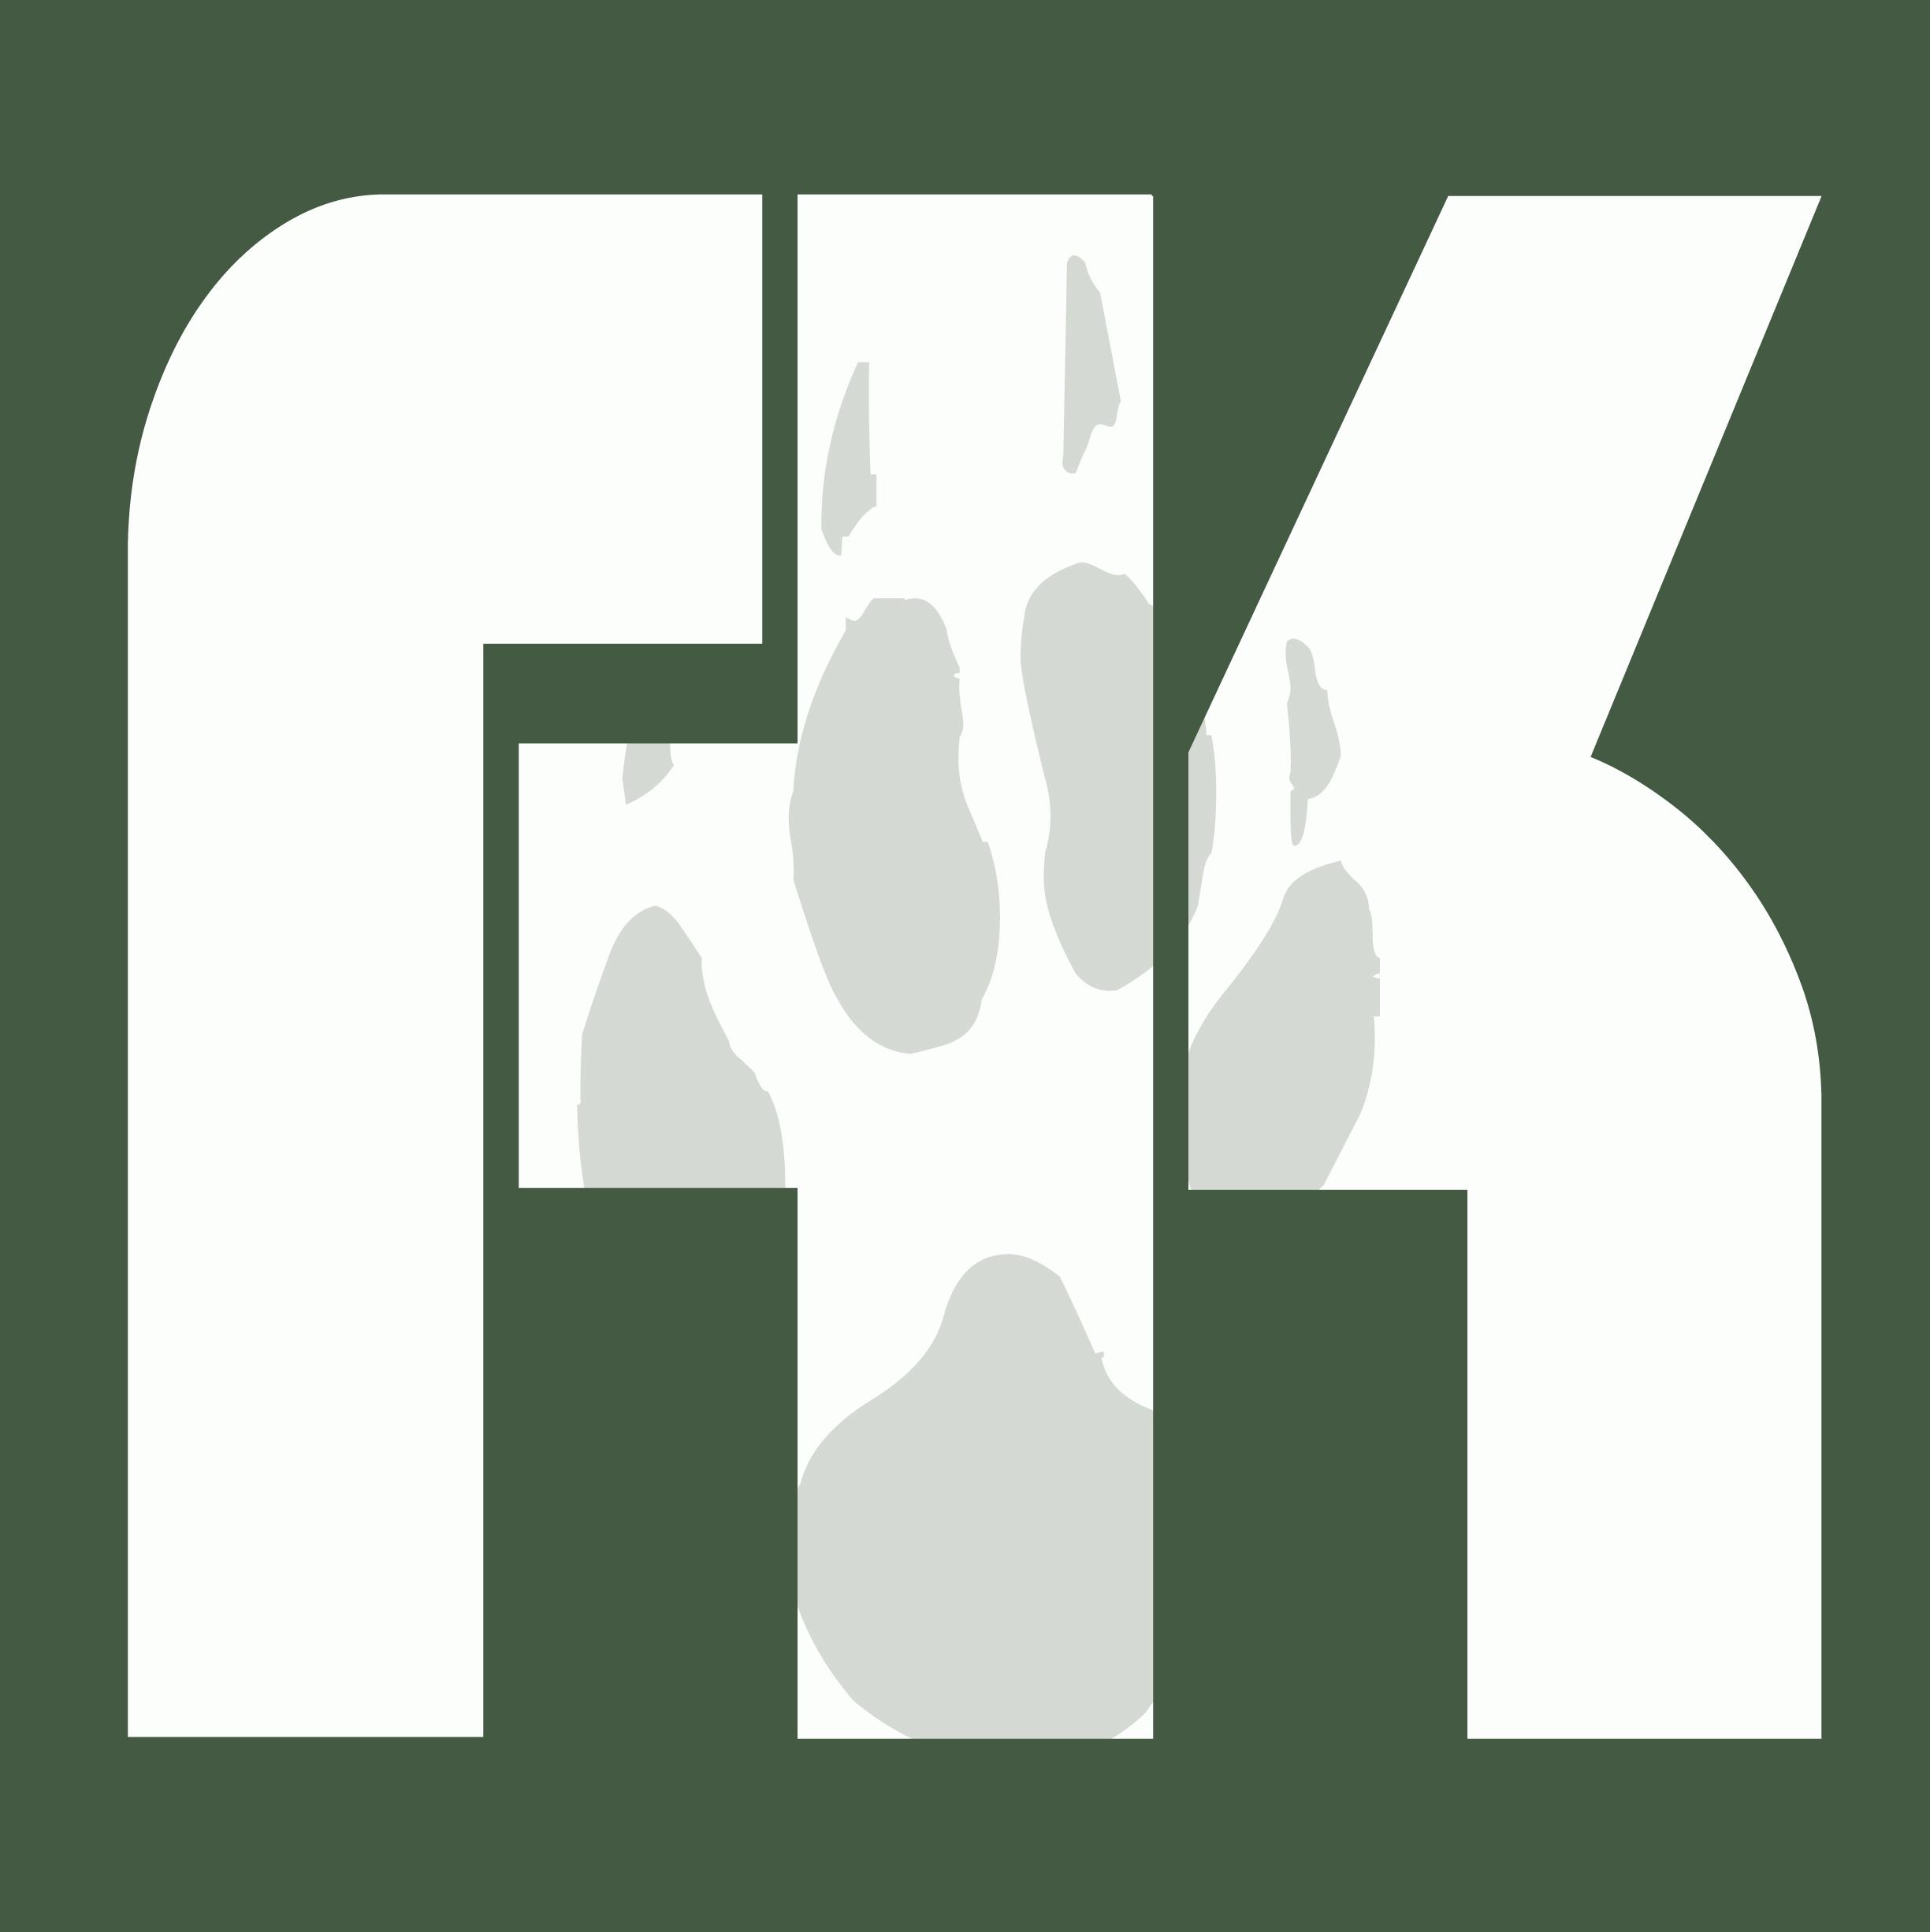 logo_aventure_kaki